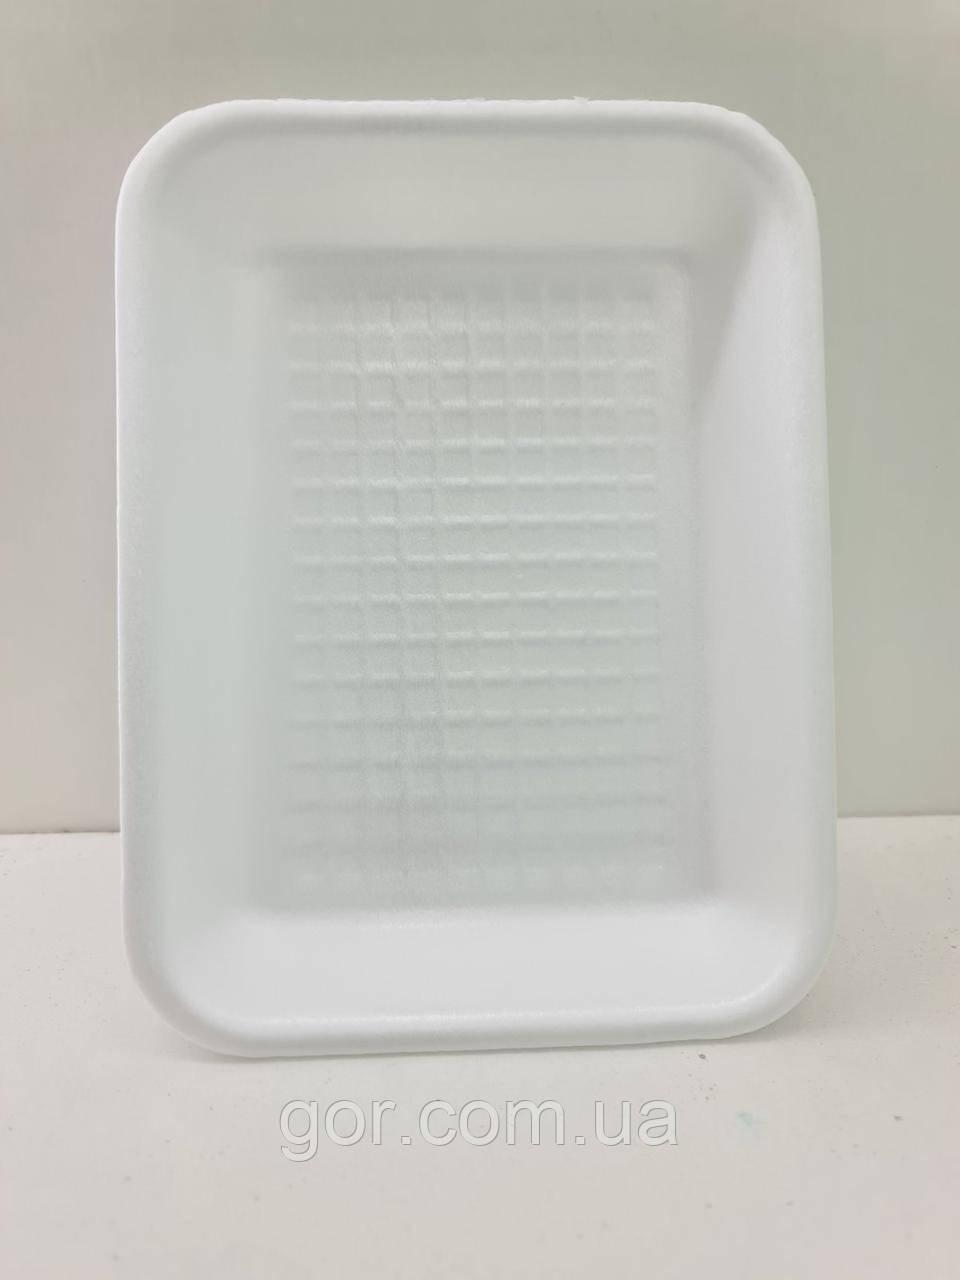 Подложка (лотки) из вспененного полистирола (178*134*25) T-4-25 (300 шт)